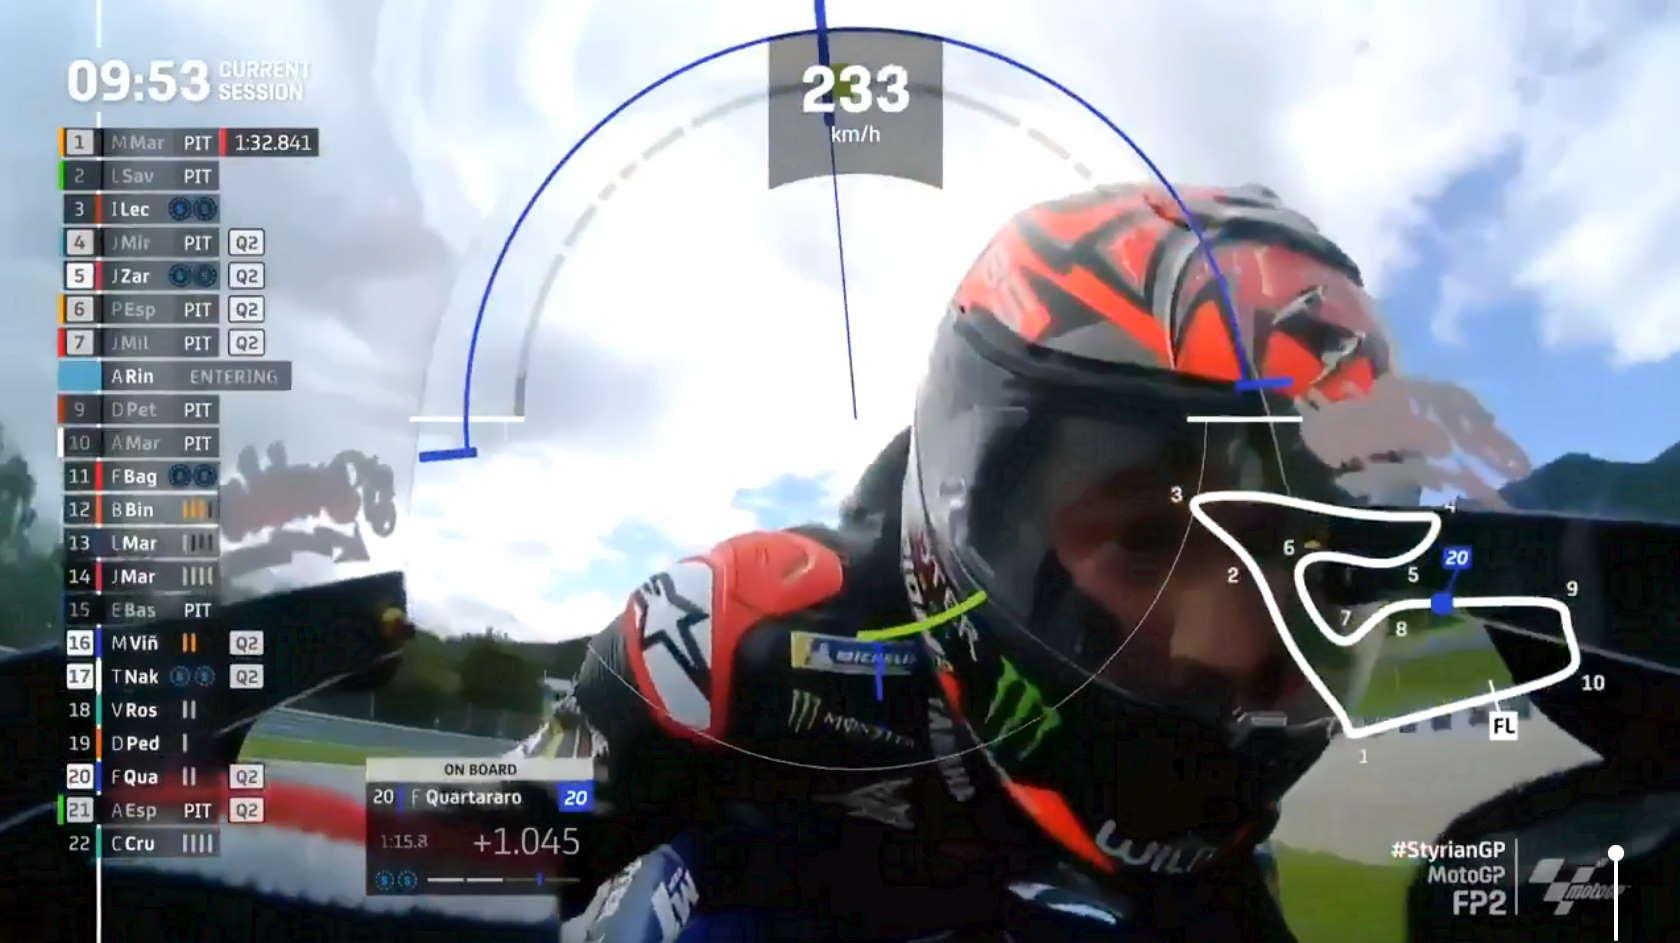 Torna in pista la MotGP dopo la pausa estiva: ecco come sono andate le libere del GP di Stiria